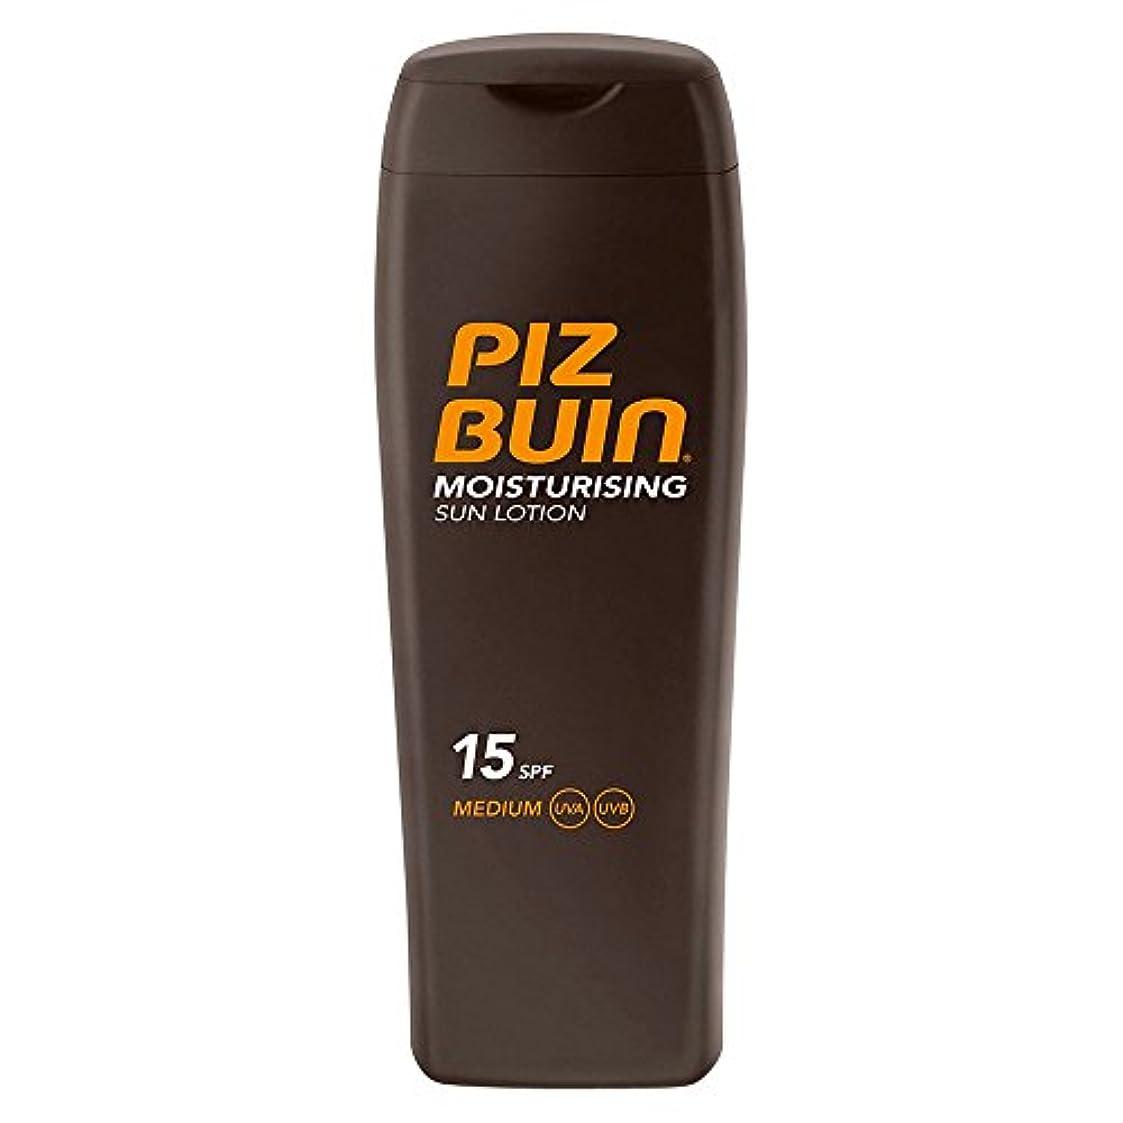 医師気性誓い日ローションSpf15の200ミリリットル中ピッツのブイン (Piz Buin) (x6) - Piz Buin In Sun Lotion SPF15 200ml (Pack of 6) [並行輸入品]